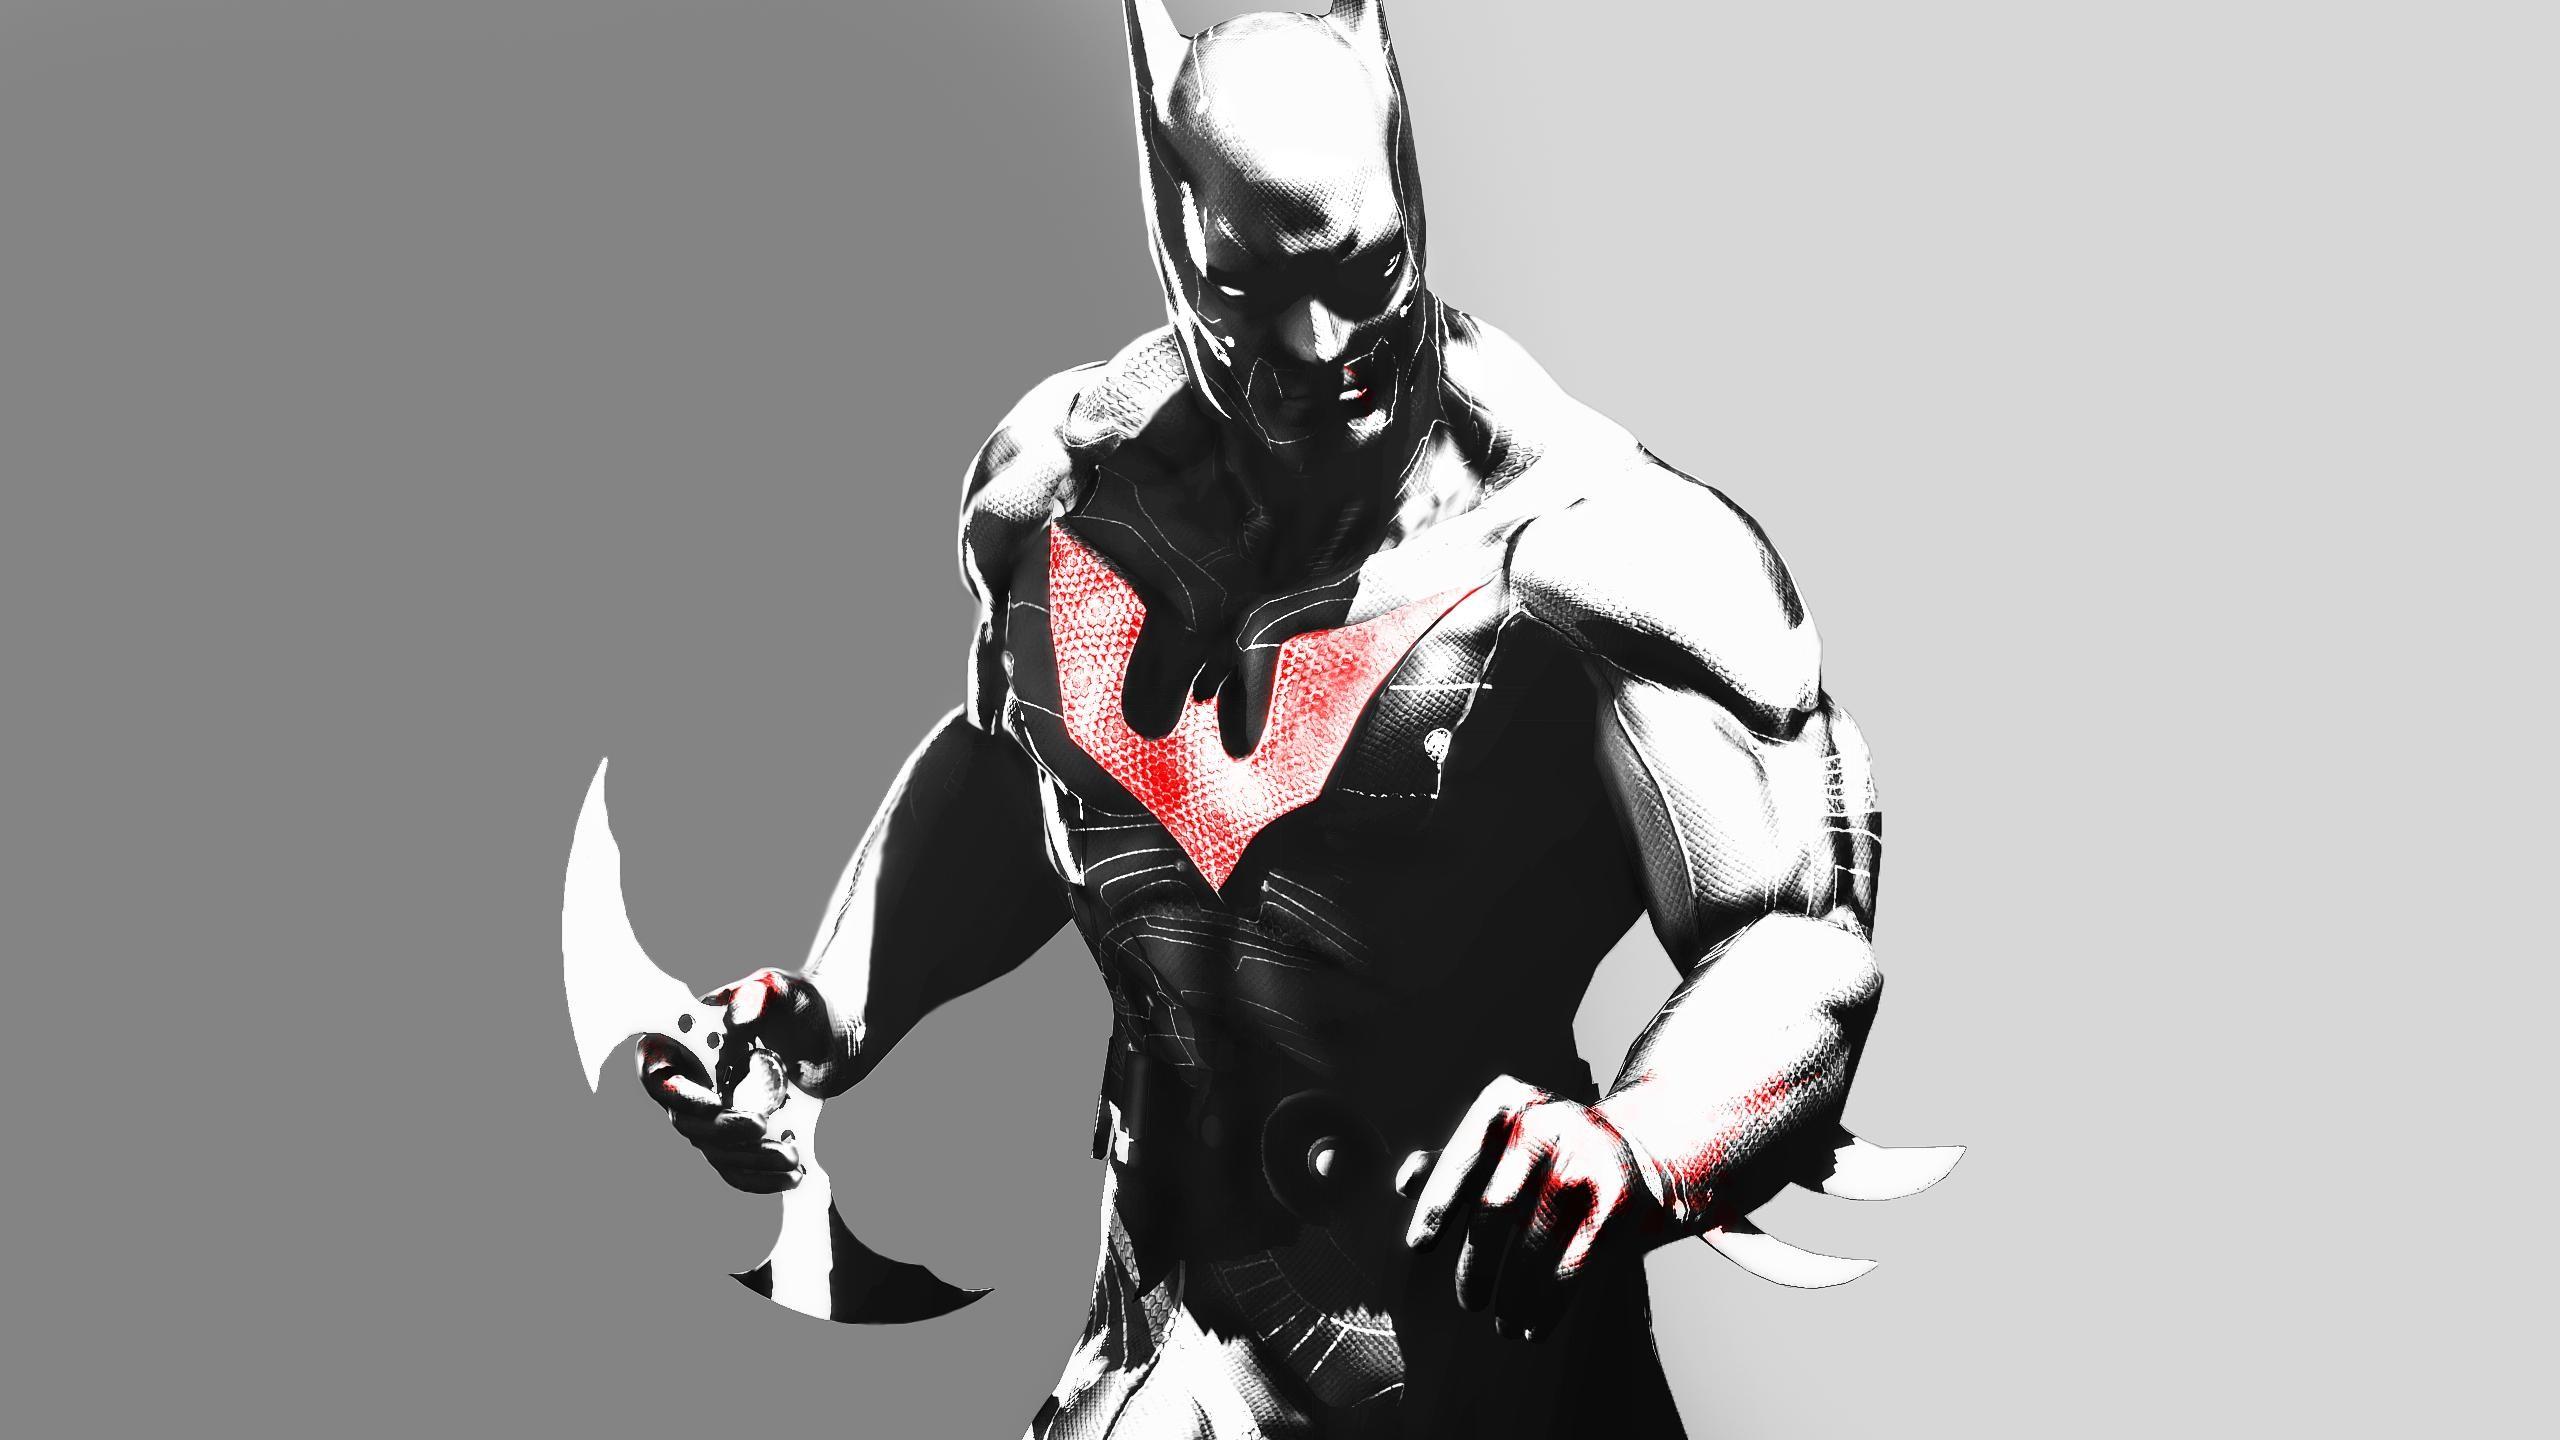 … batman beyond wallpapers hd 972 hd wallpaper site …